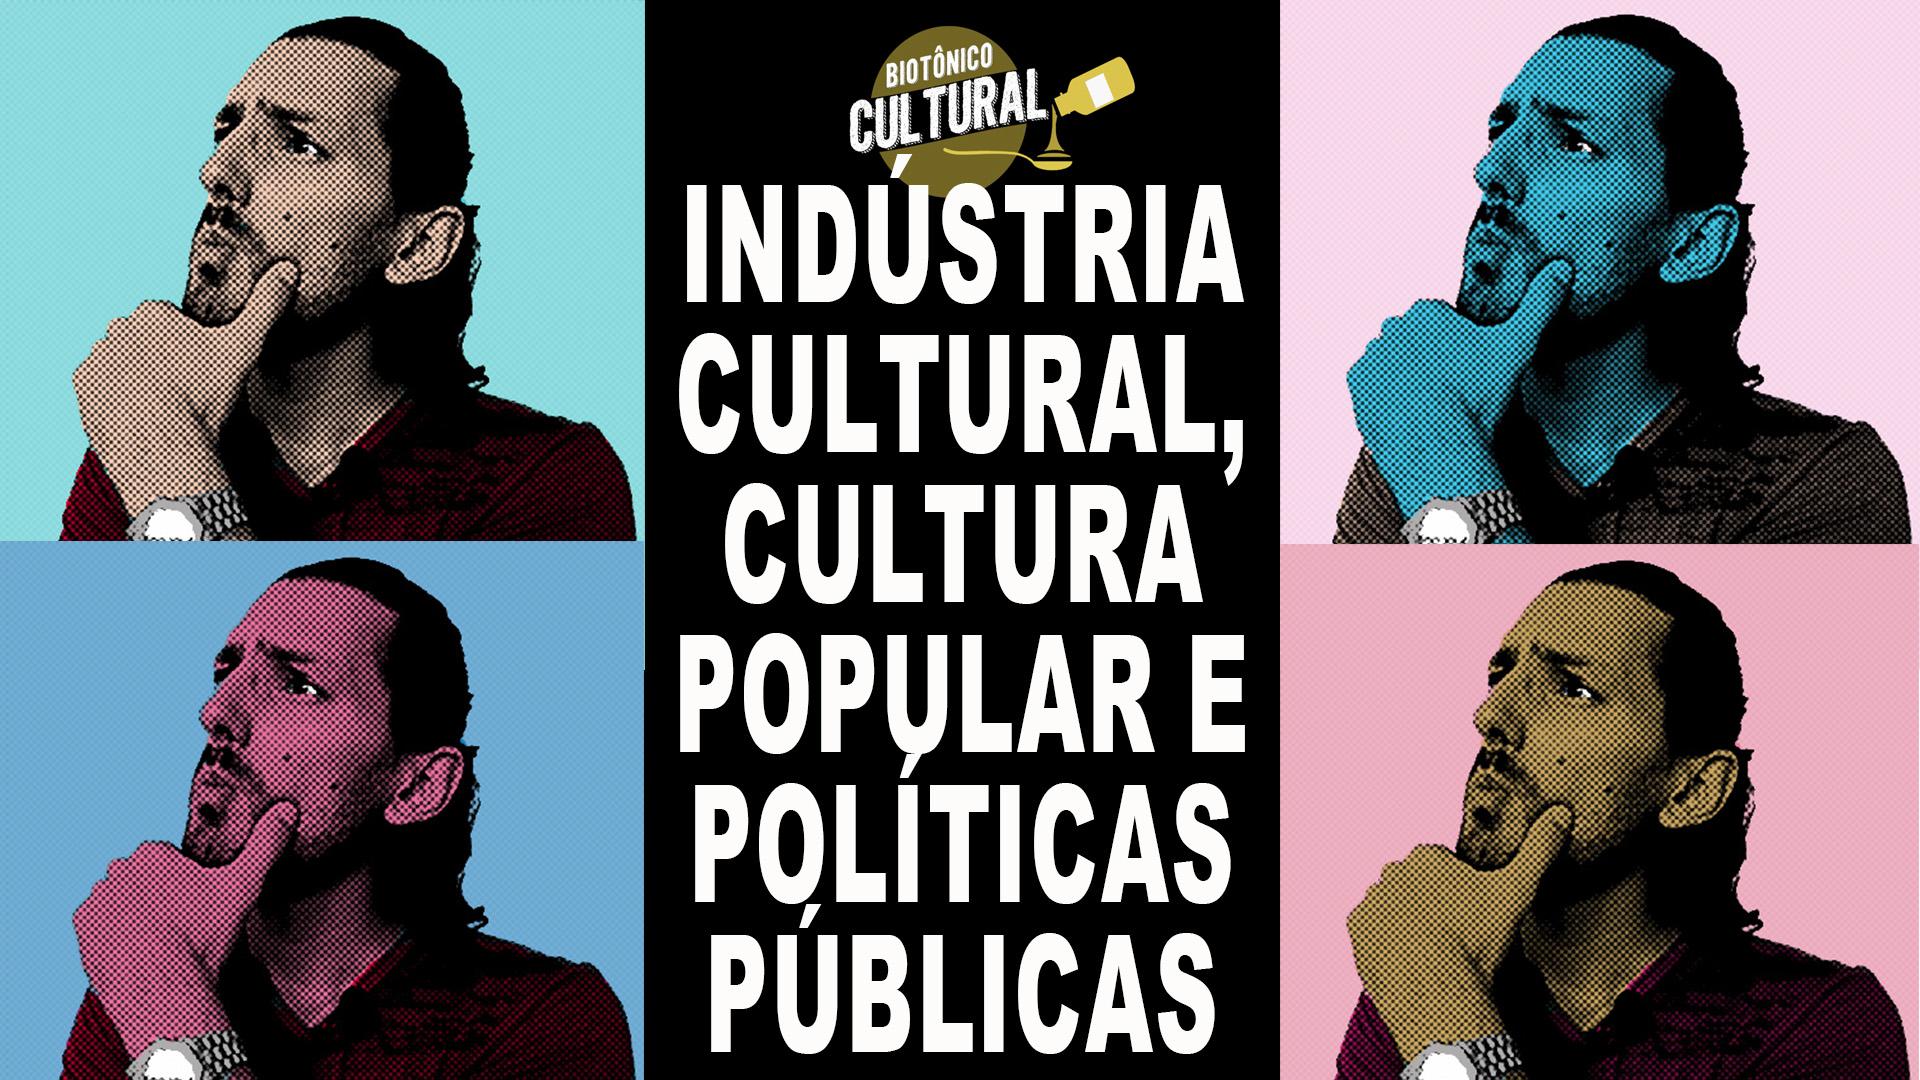 Biotônico Cultural 01